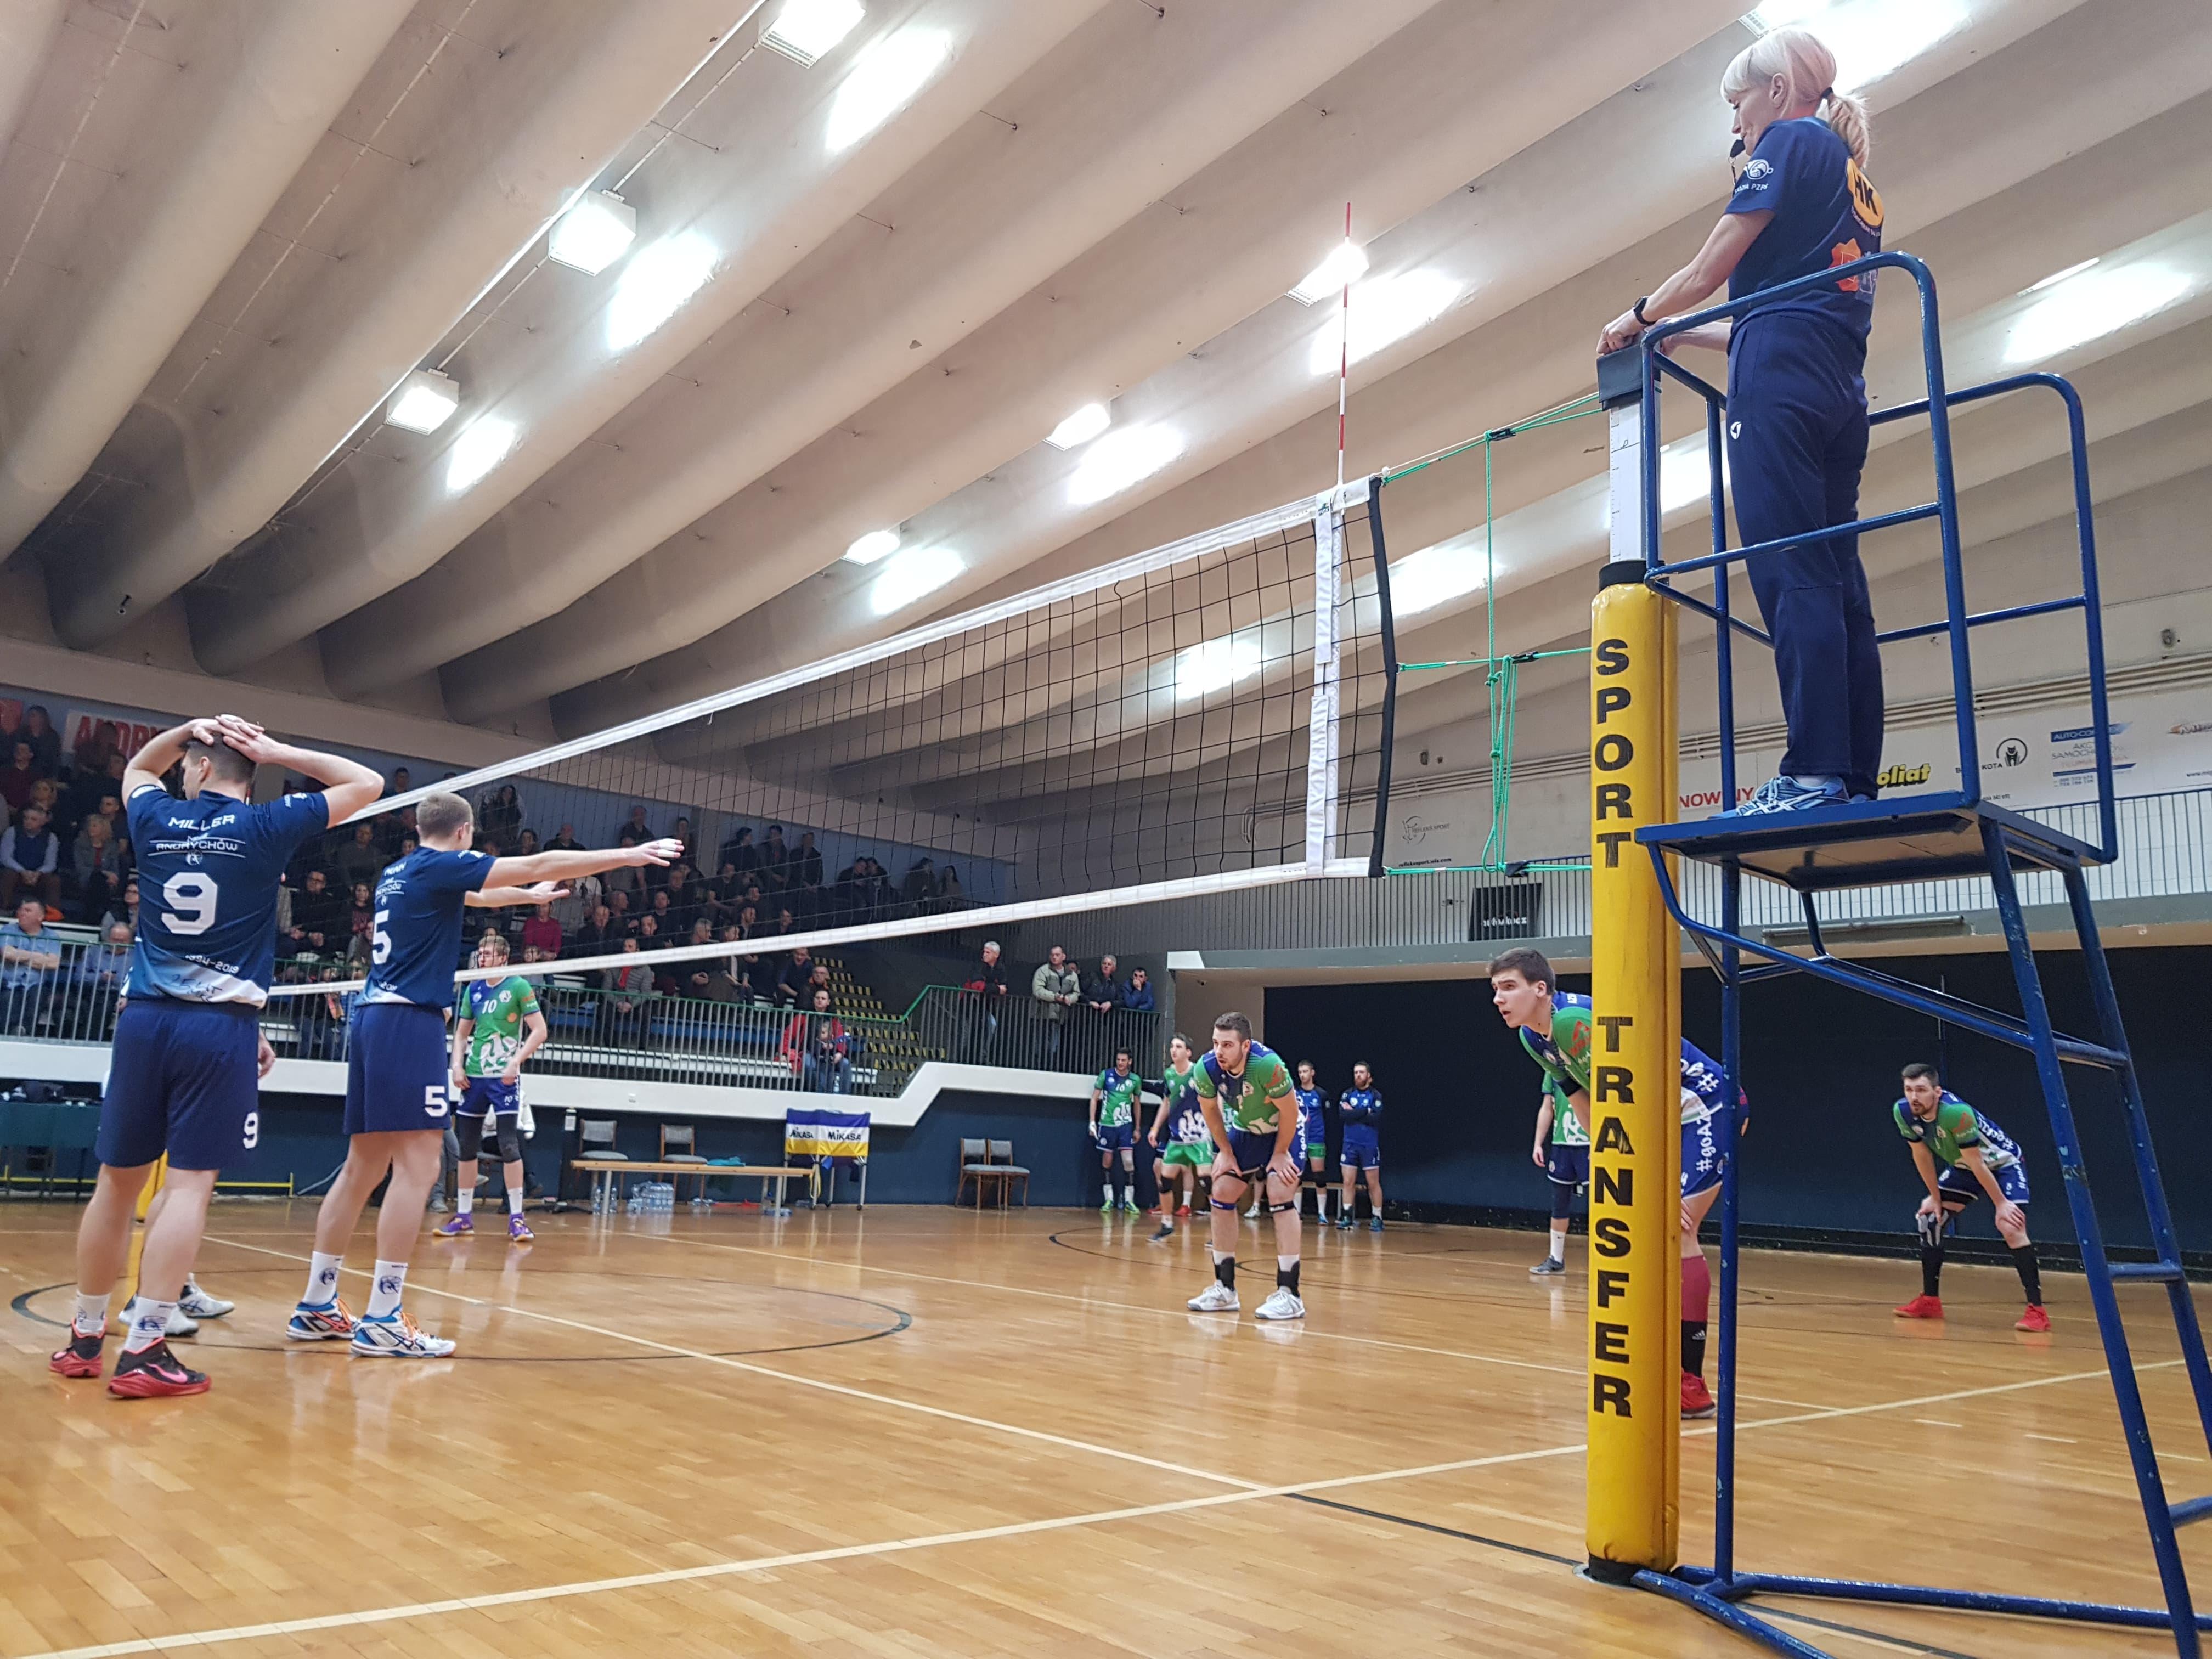 MKS Andrychów i Kęczanin wygrywają pierwsze mecze play-off [AKTUALIZACJA]